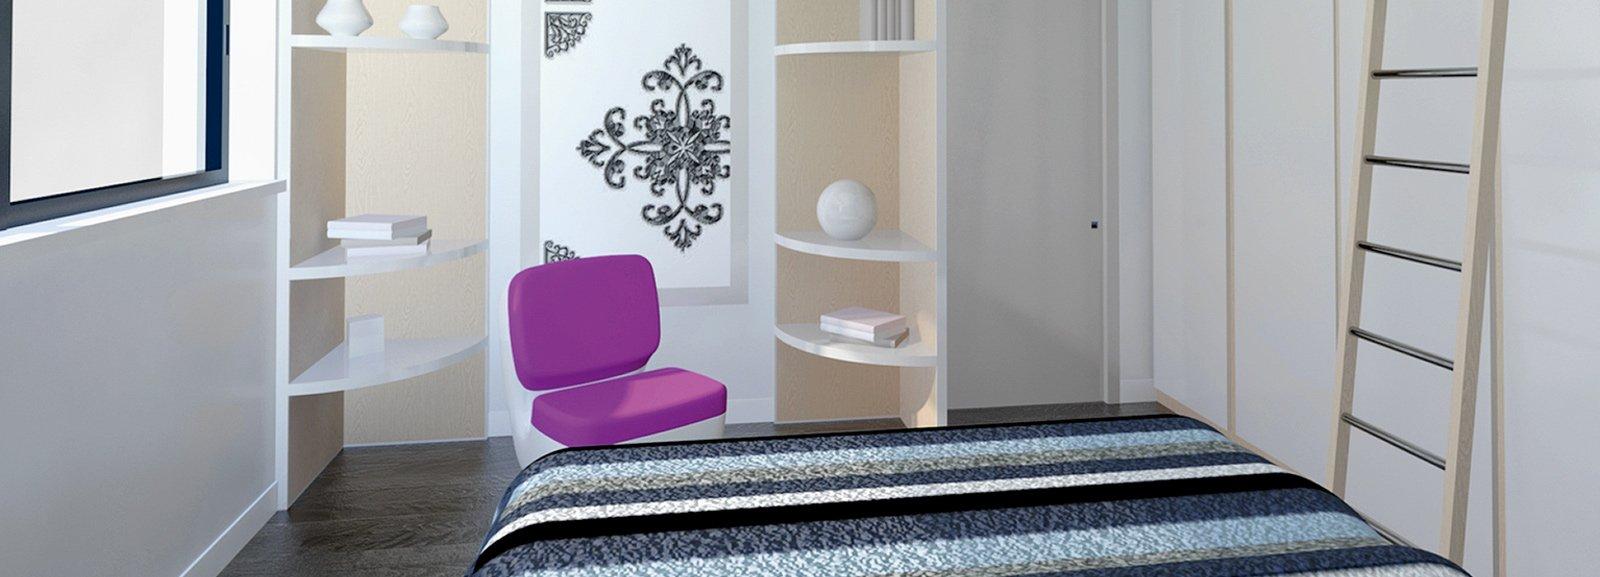 Camera da letto sfruttare l altezza per contenere cose - Altezza parapetti finestre normativa ...